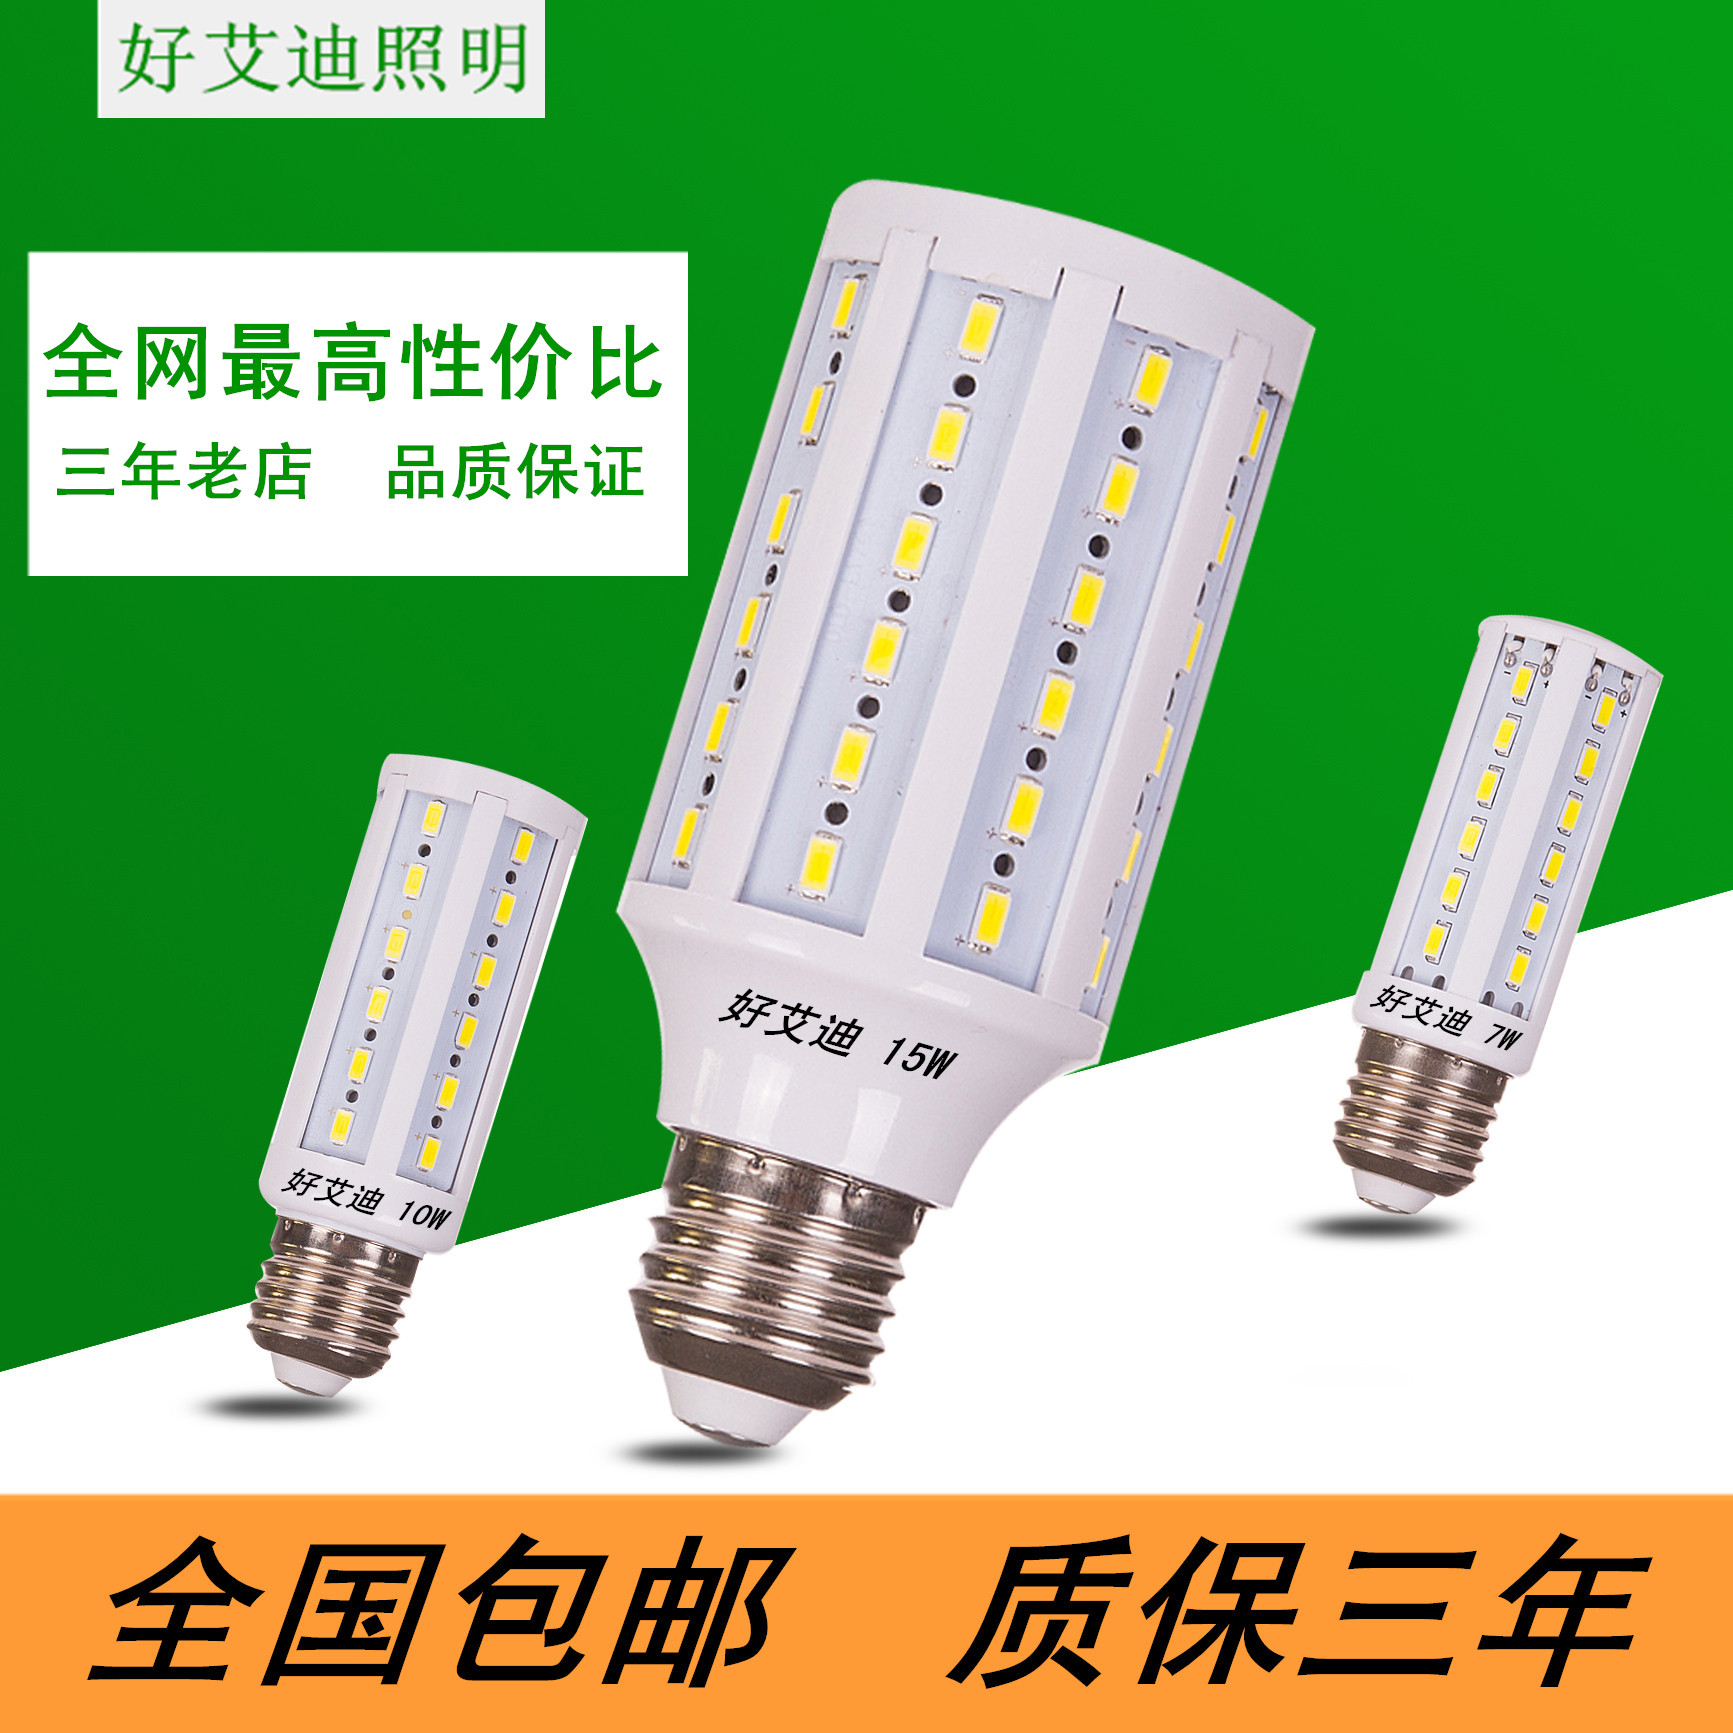 Хорошо Эдди теплый белый Светодиодные лампы E14 винт E27 дома освещения супер энергосберегающие светодиодные кукурузы